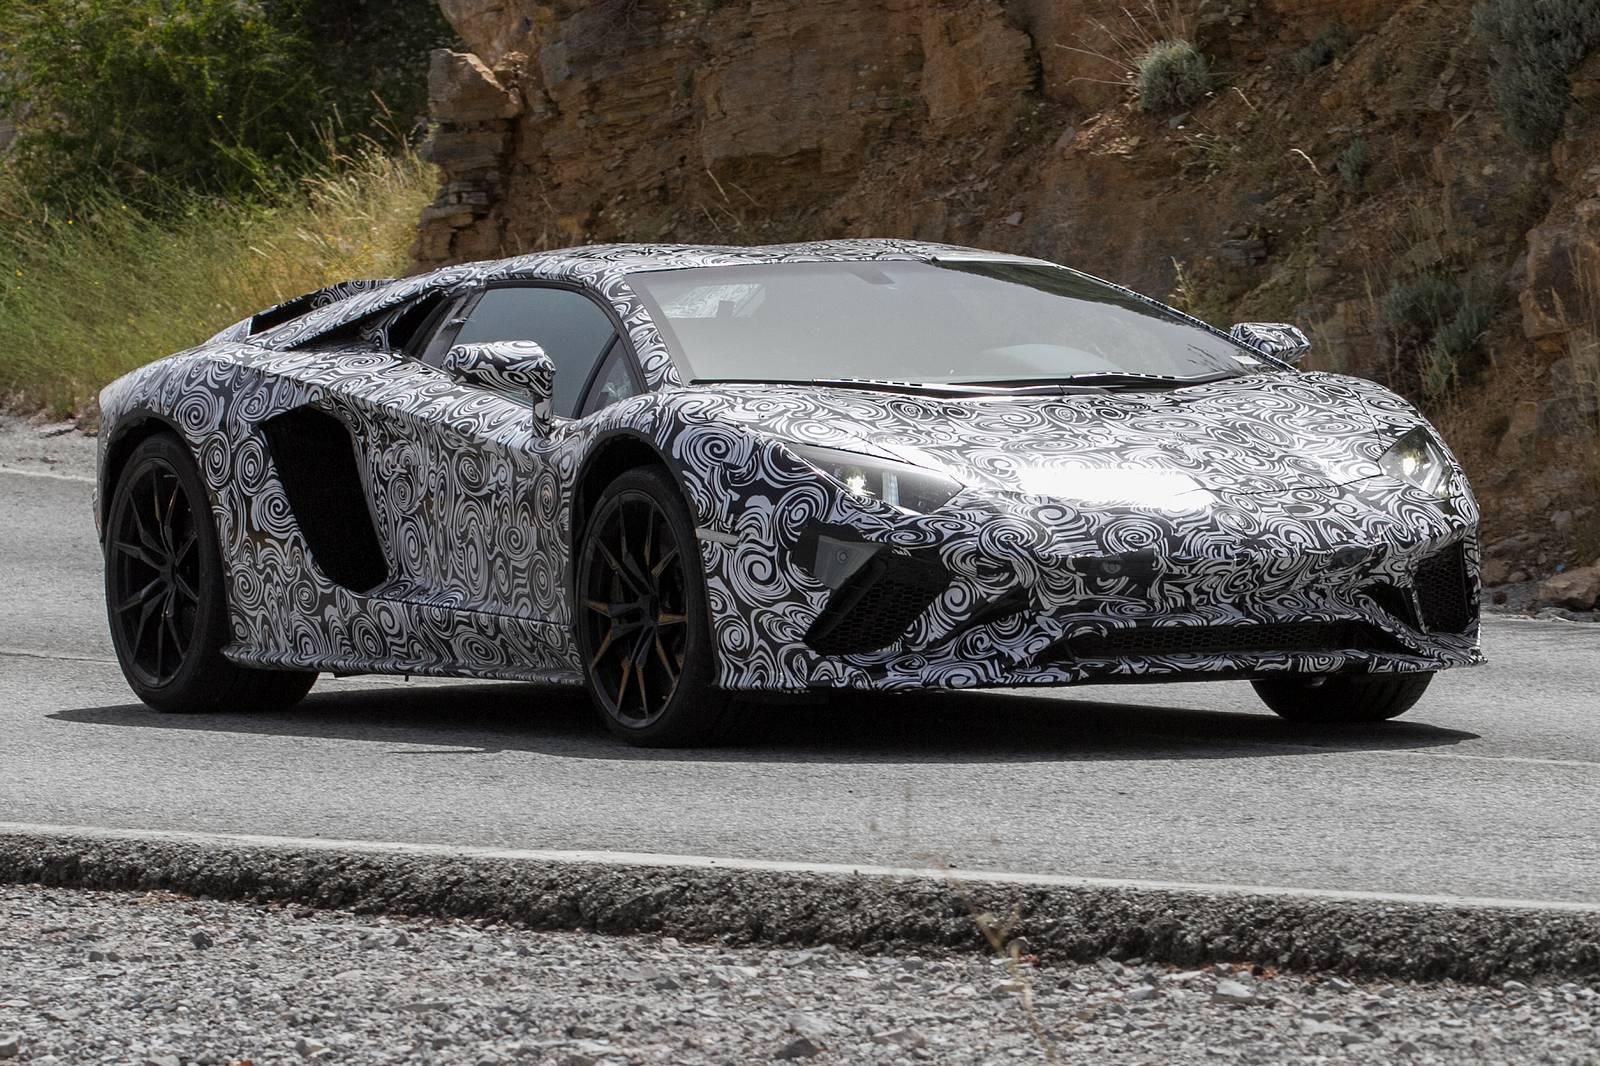 More Powerful Lamborghini Aventador S Coming in 2017